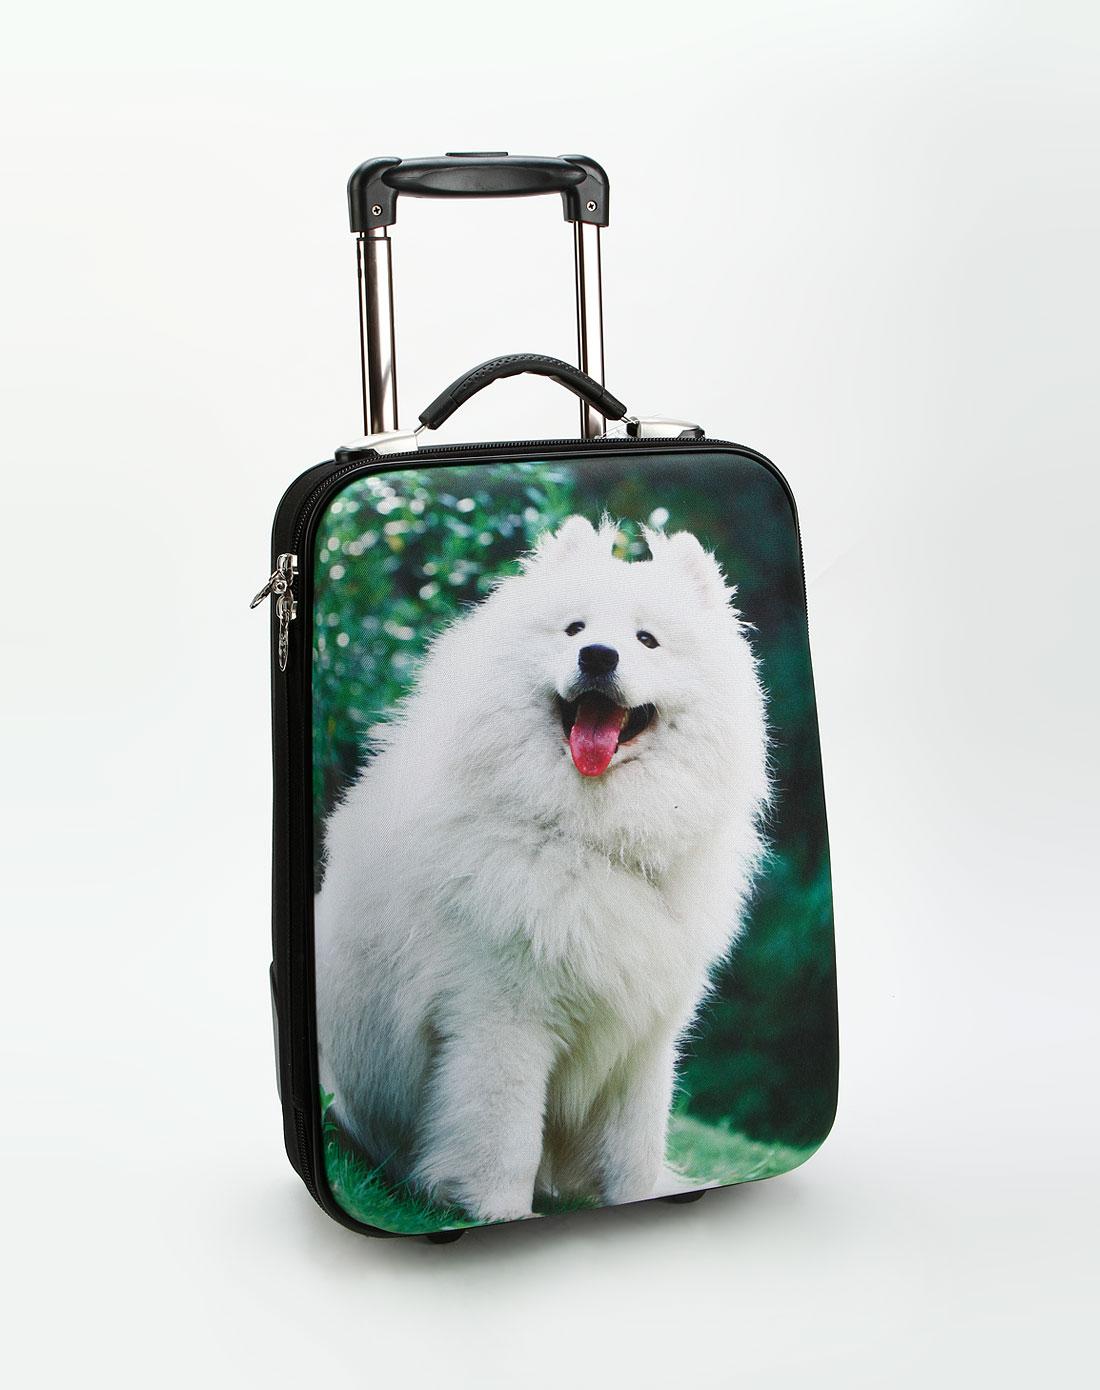 黑/绿色19寸可爱小狗行李箱